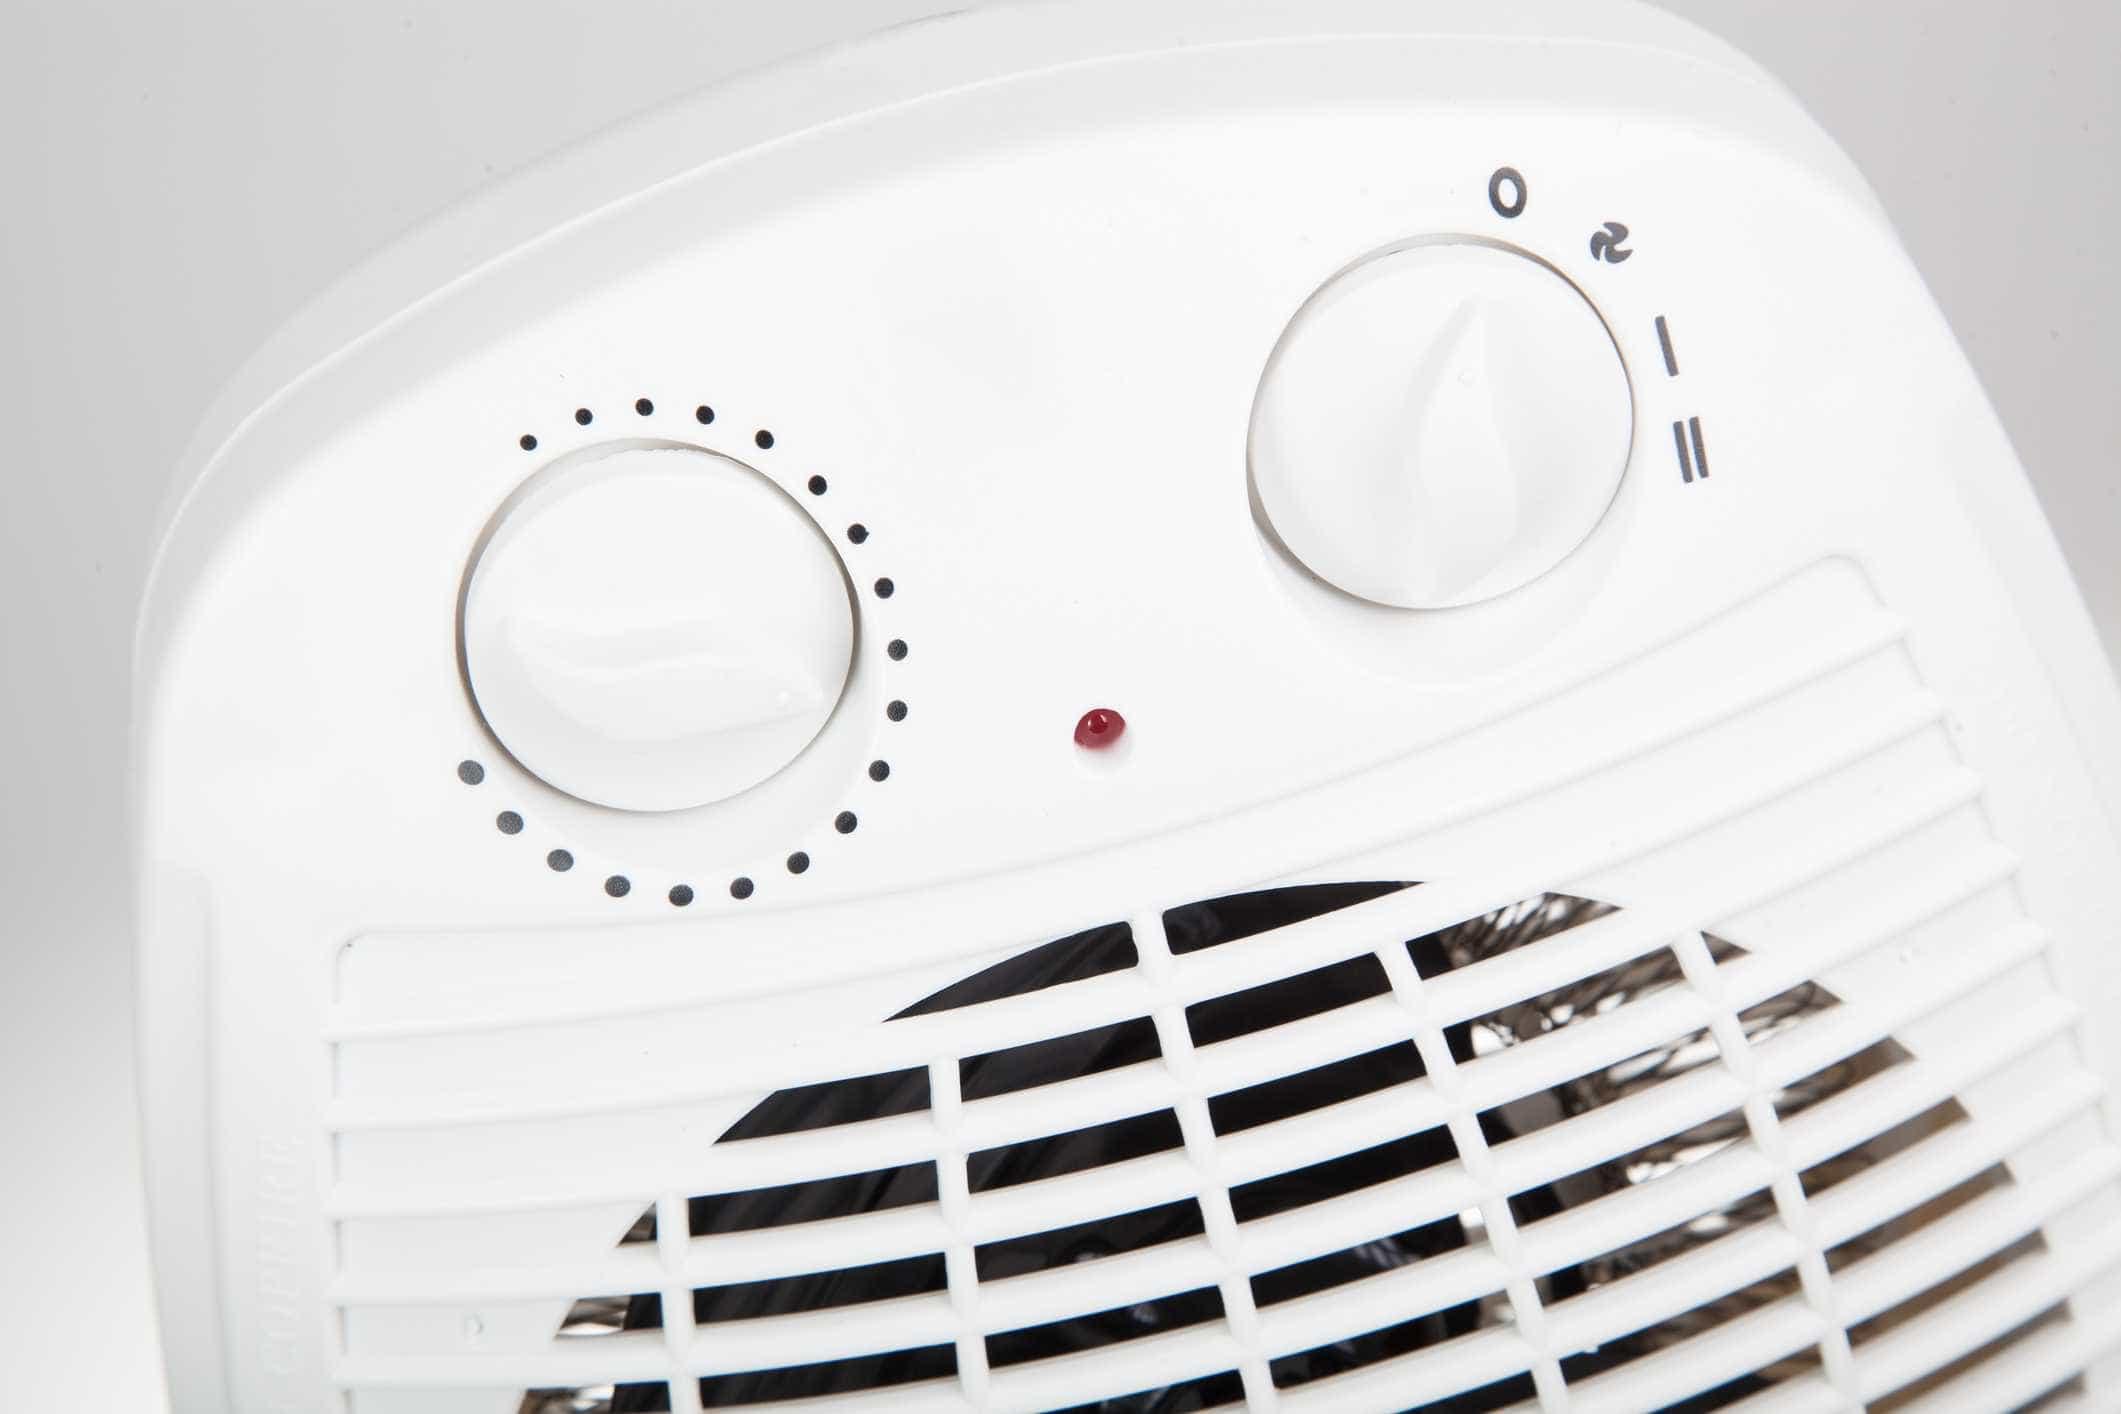 Atenção, estes termoventiladores não são seguros